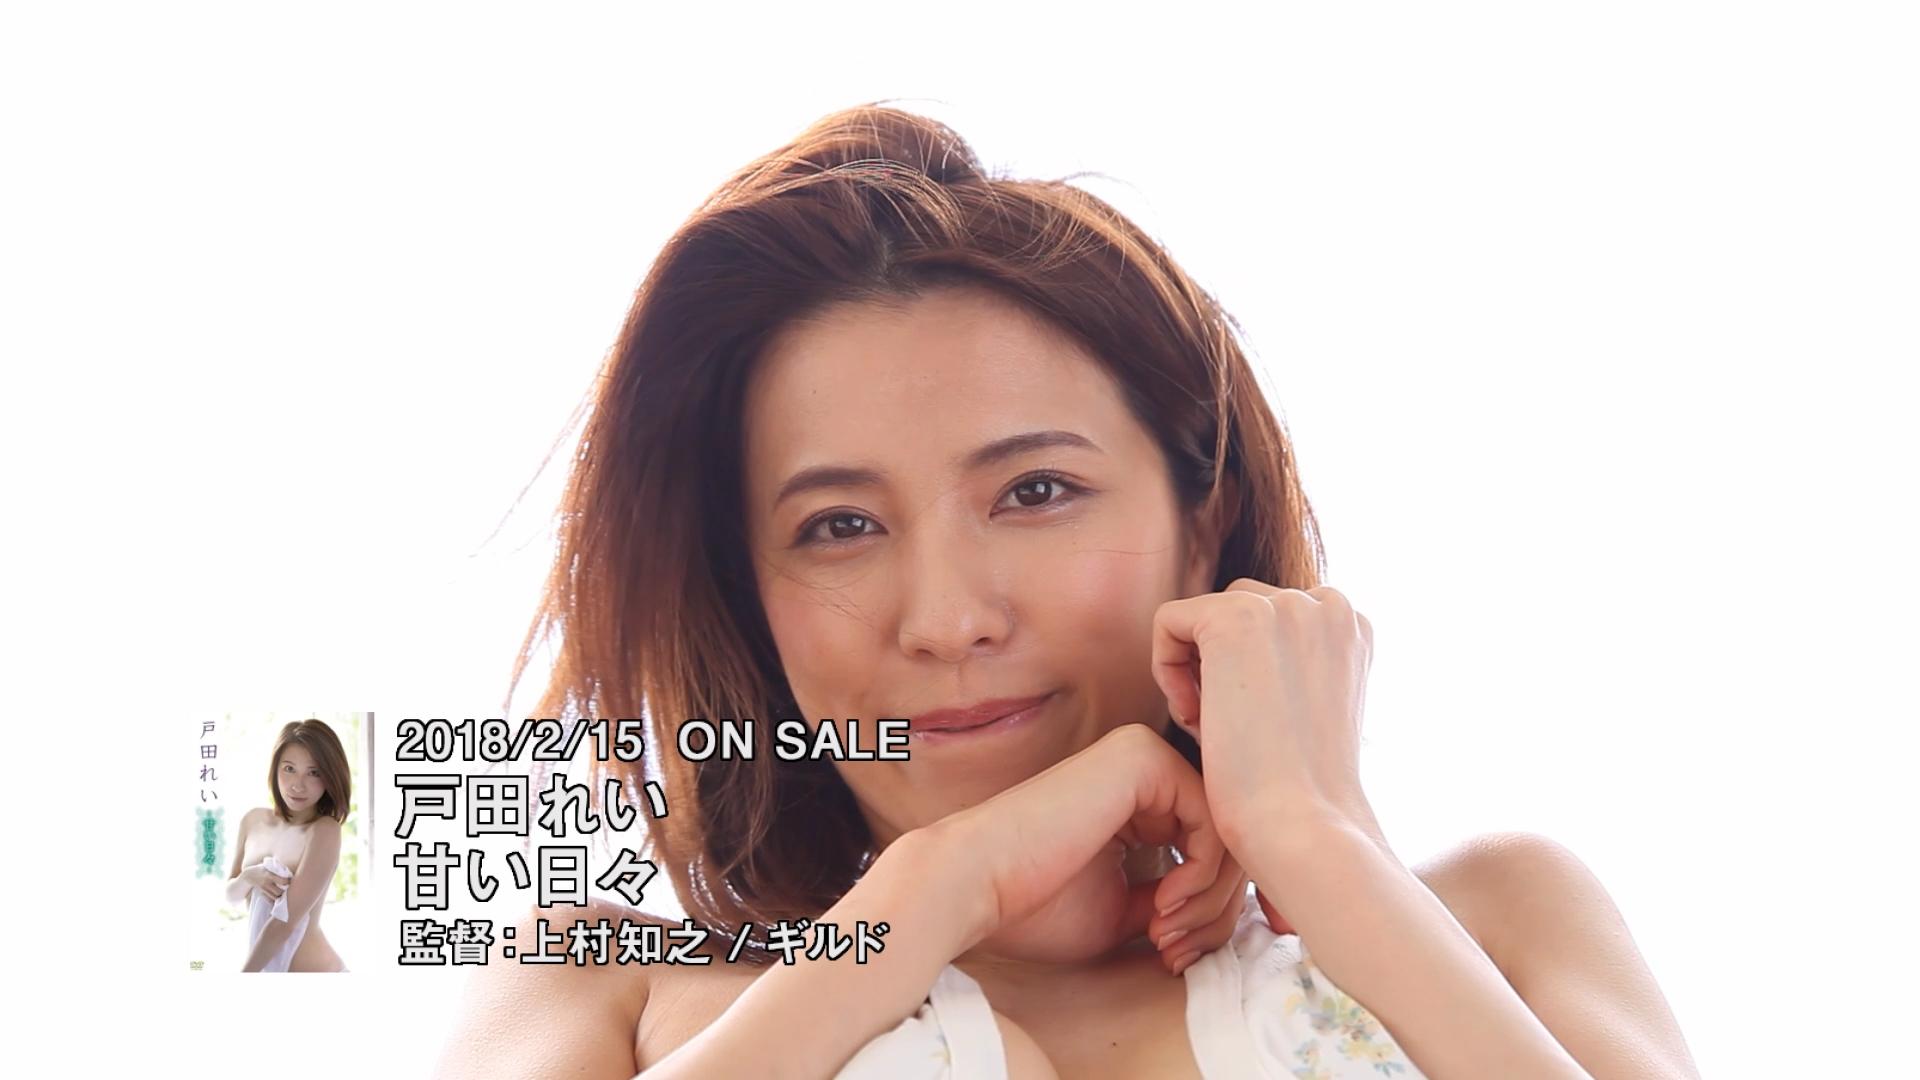 戸田れいのイメージDVDエロ画像038